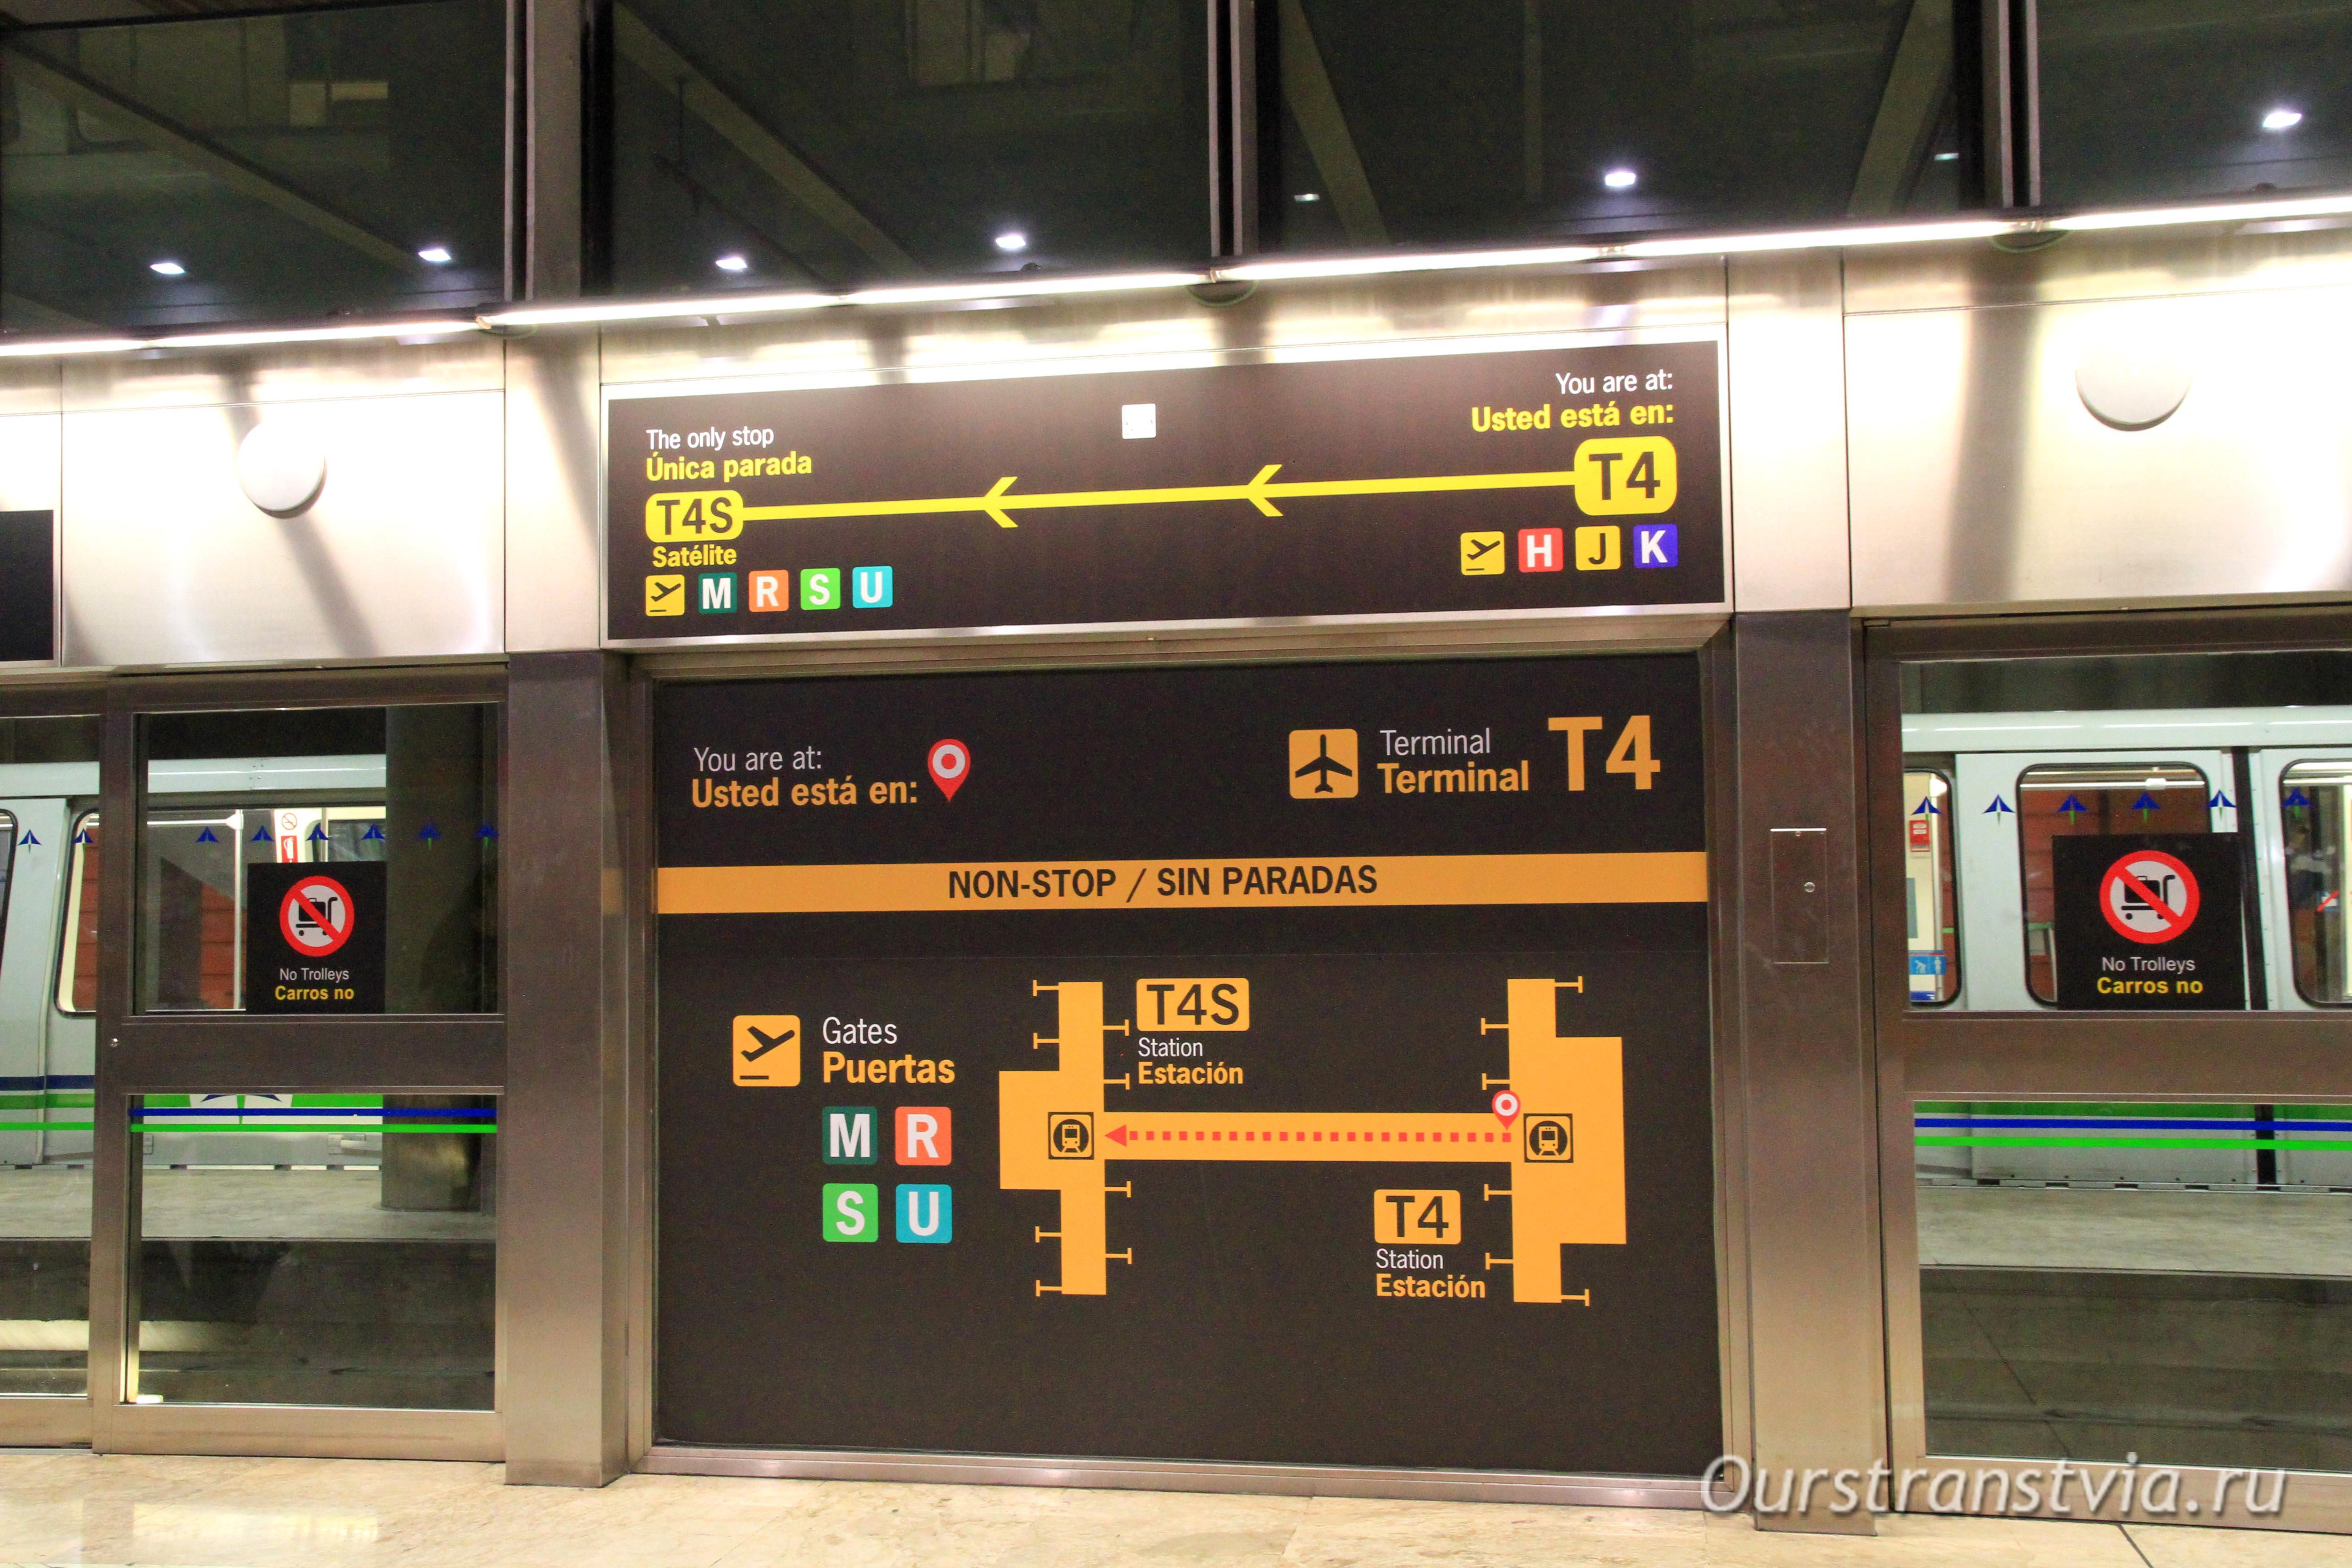 Поезд между терминалами T4S и T4, аэропорт Madrid-Barajas